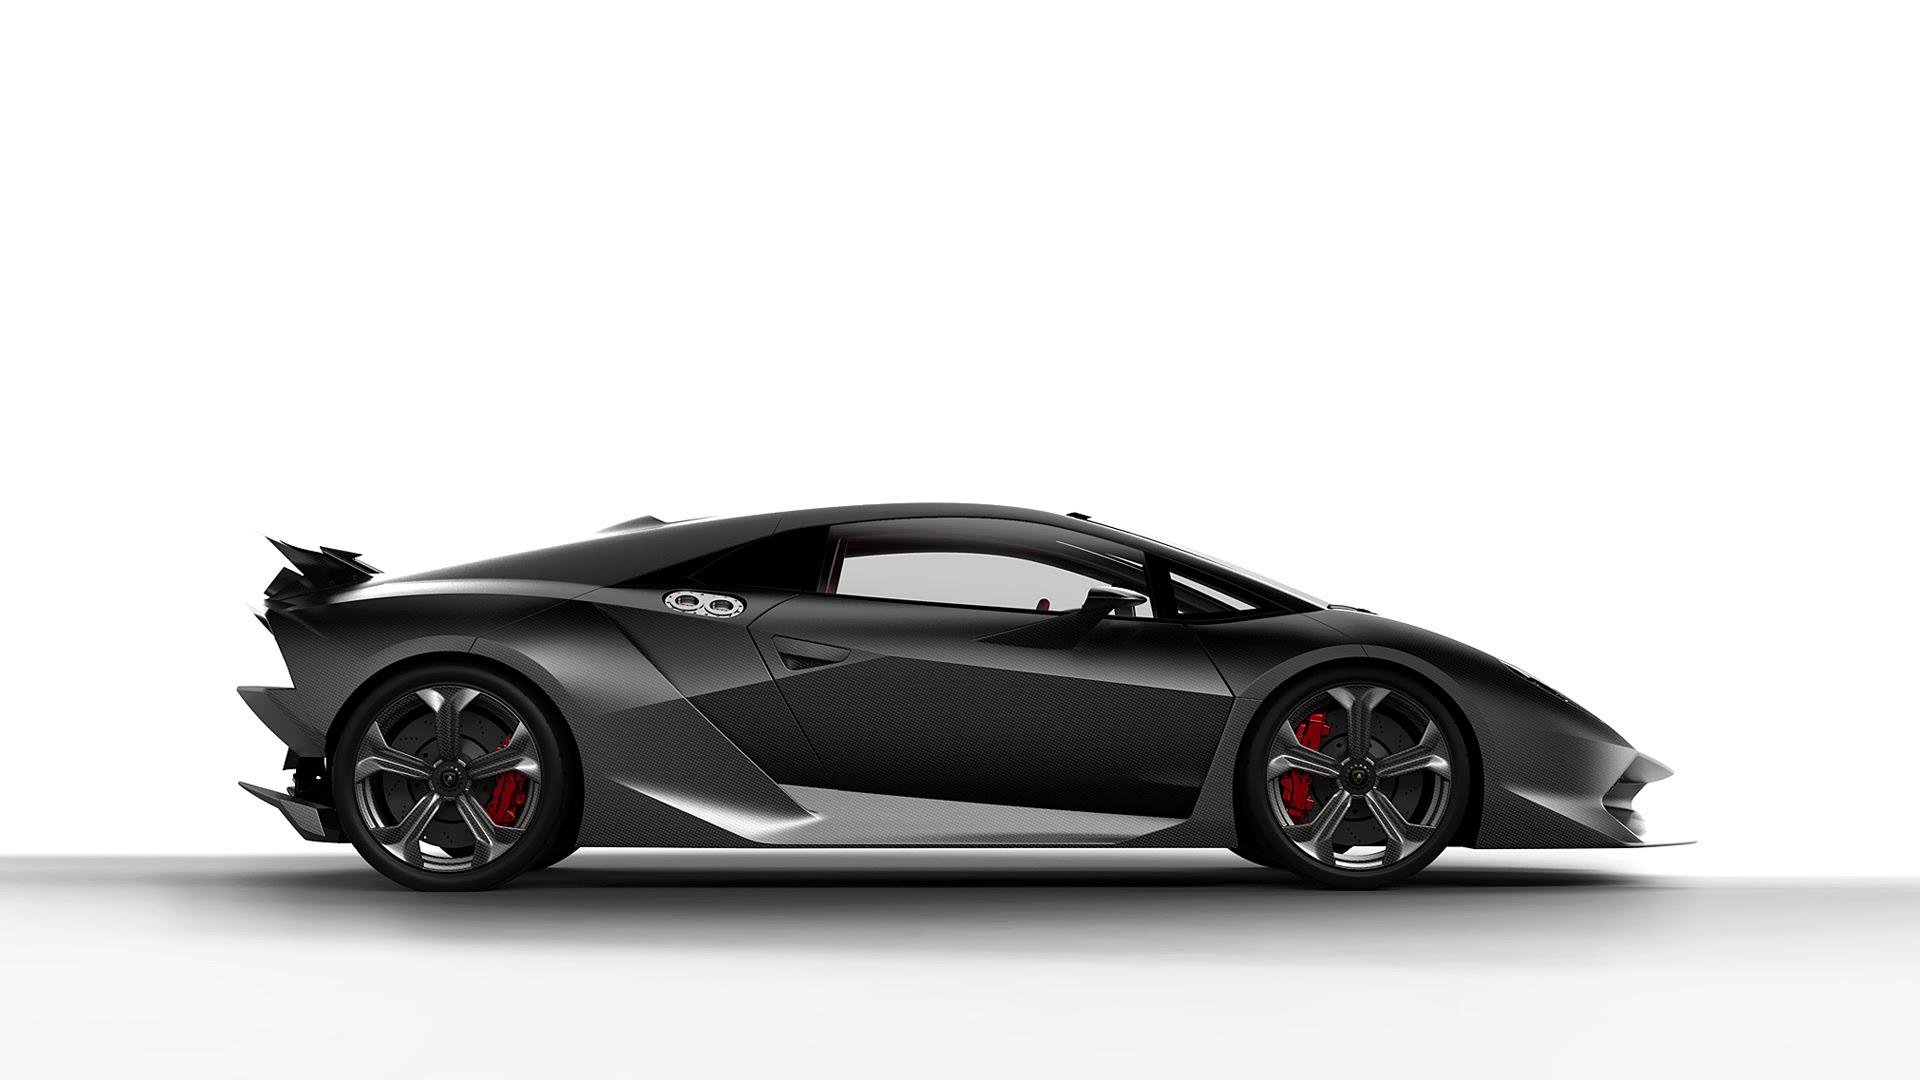 Lamborghini Sesto Elemento Wallpaper 1920x1080 17246